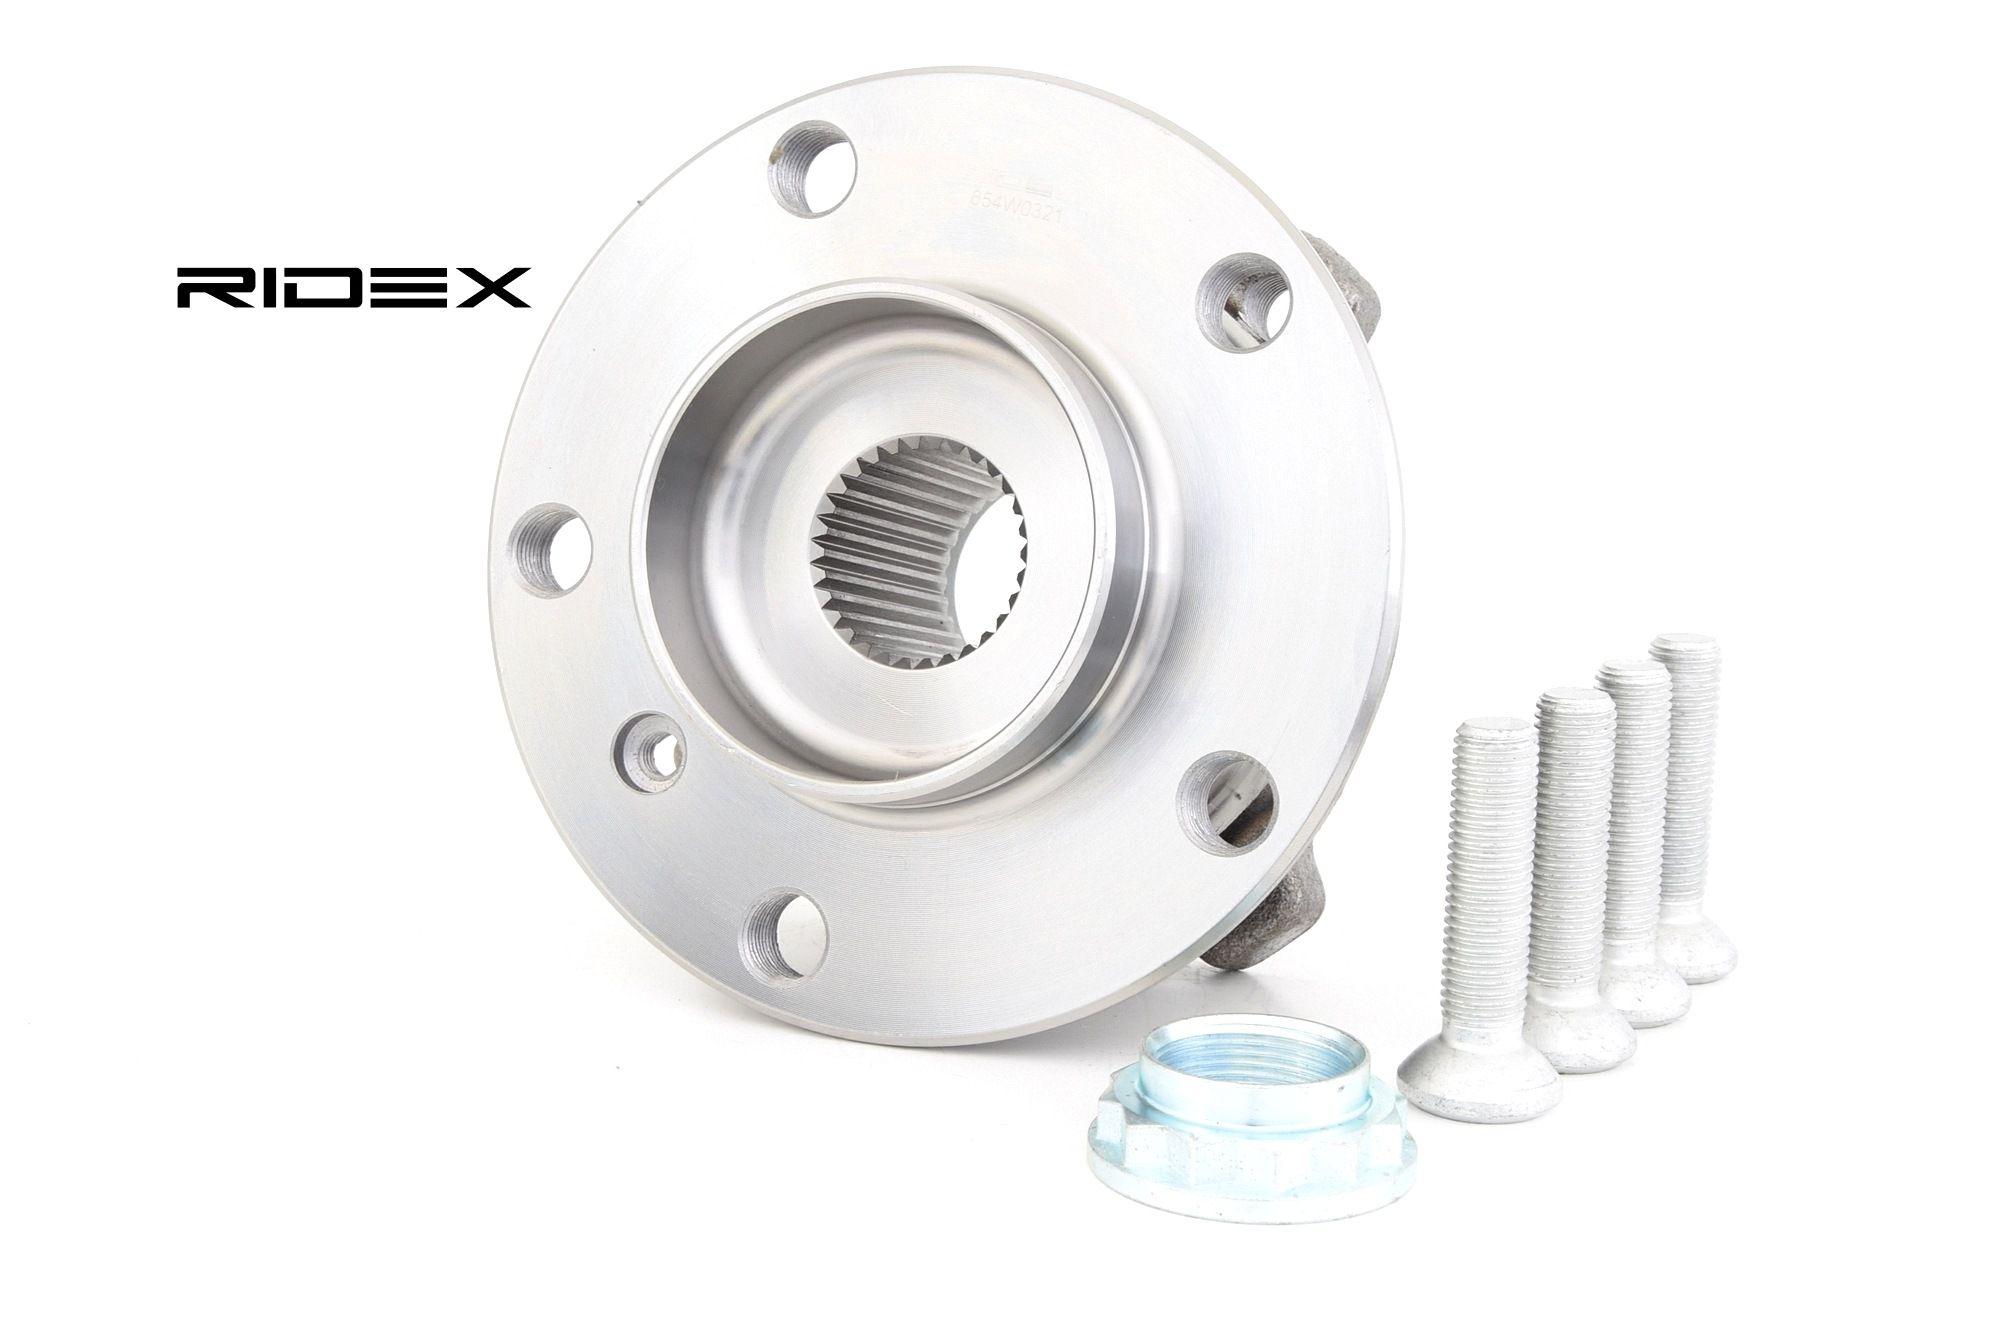 654W0321 RIDEX framaxel, Höger, Vänster, med inbyggd magnetisk sensorring Ø: 33mm Hjullagerssats 654W0321 köp lågt pris